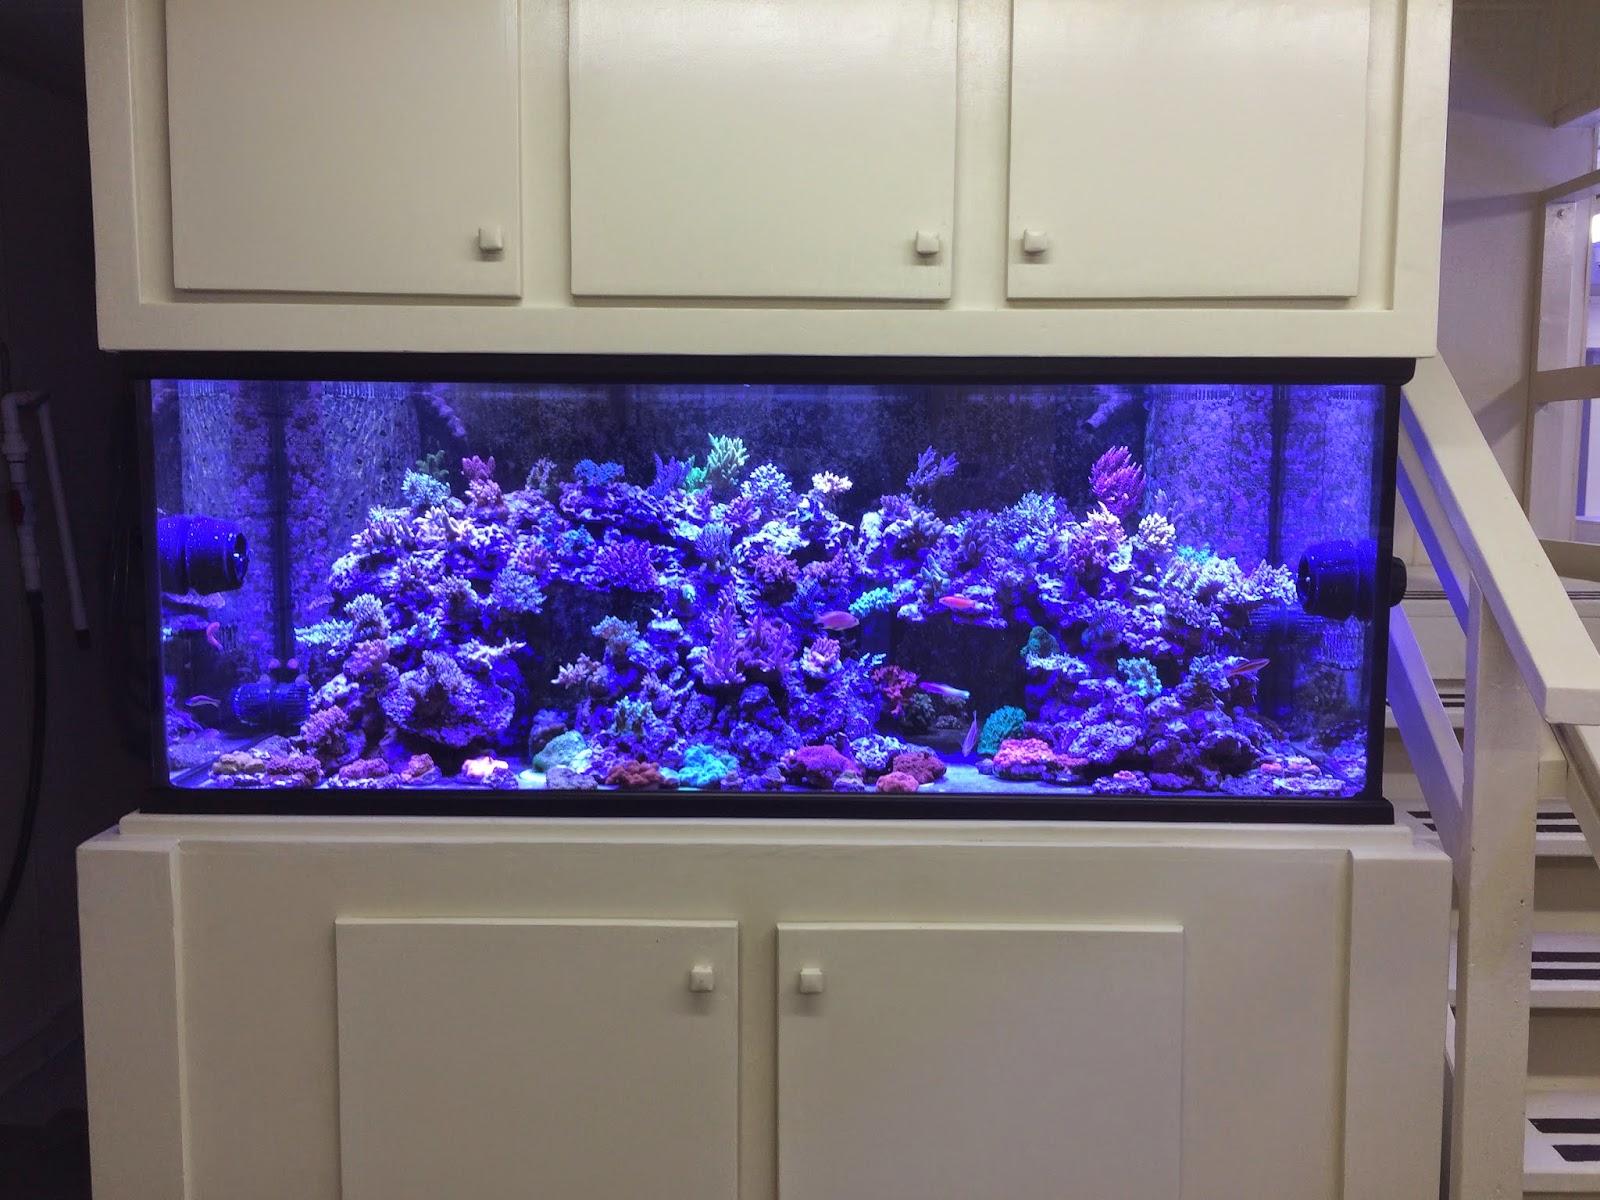 Diver's Den coral display aquarium